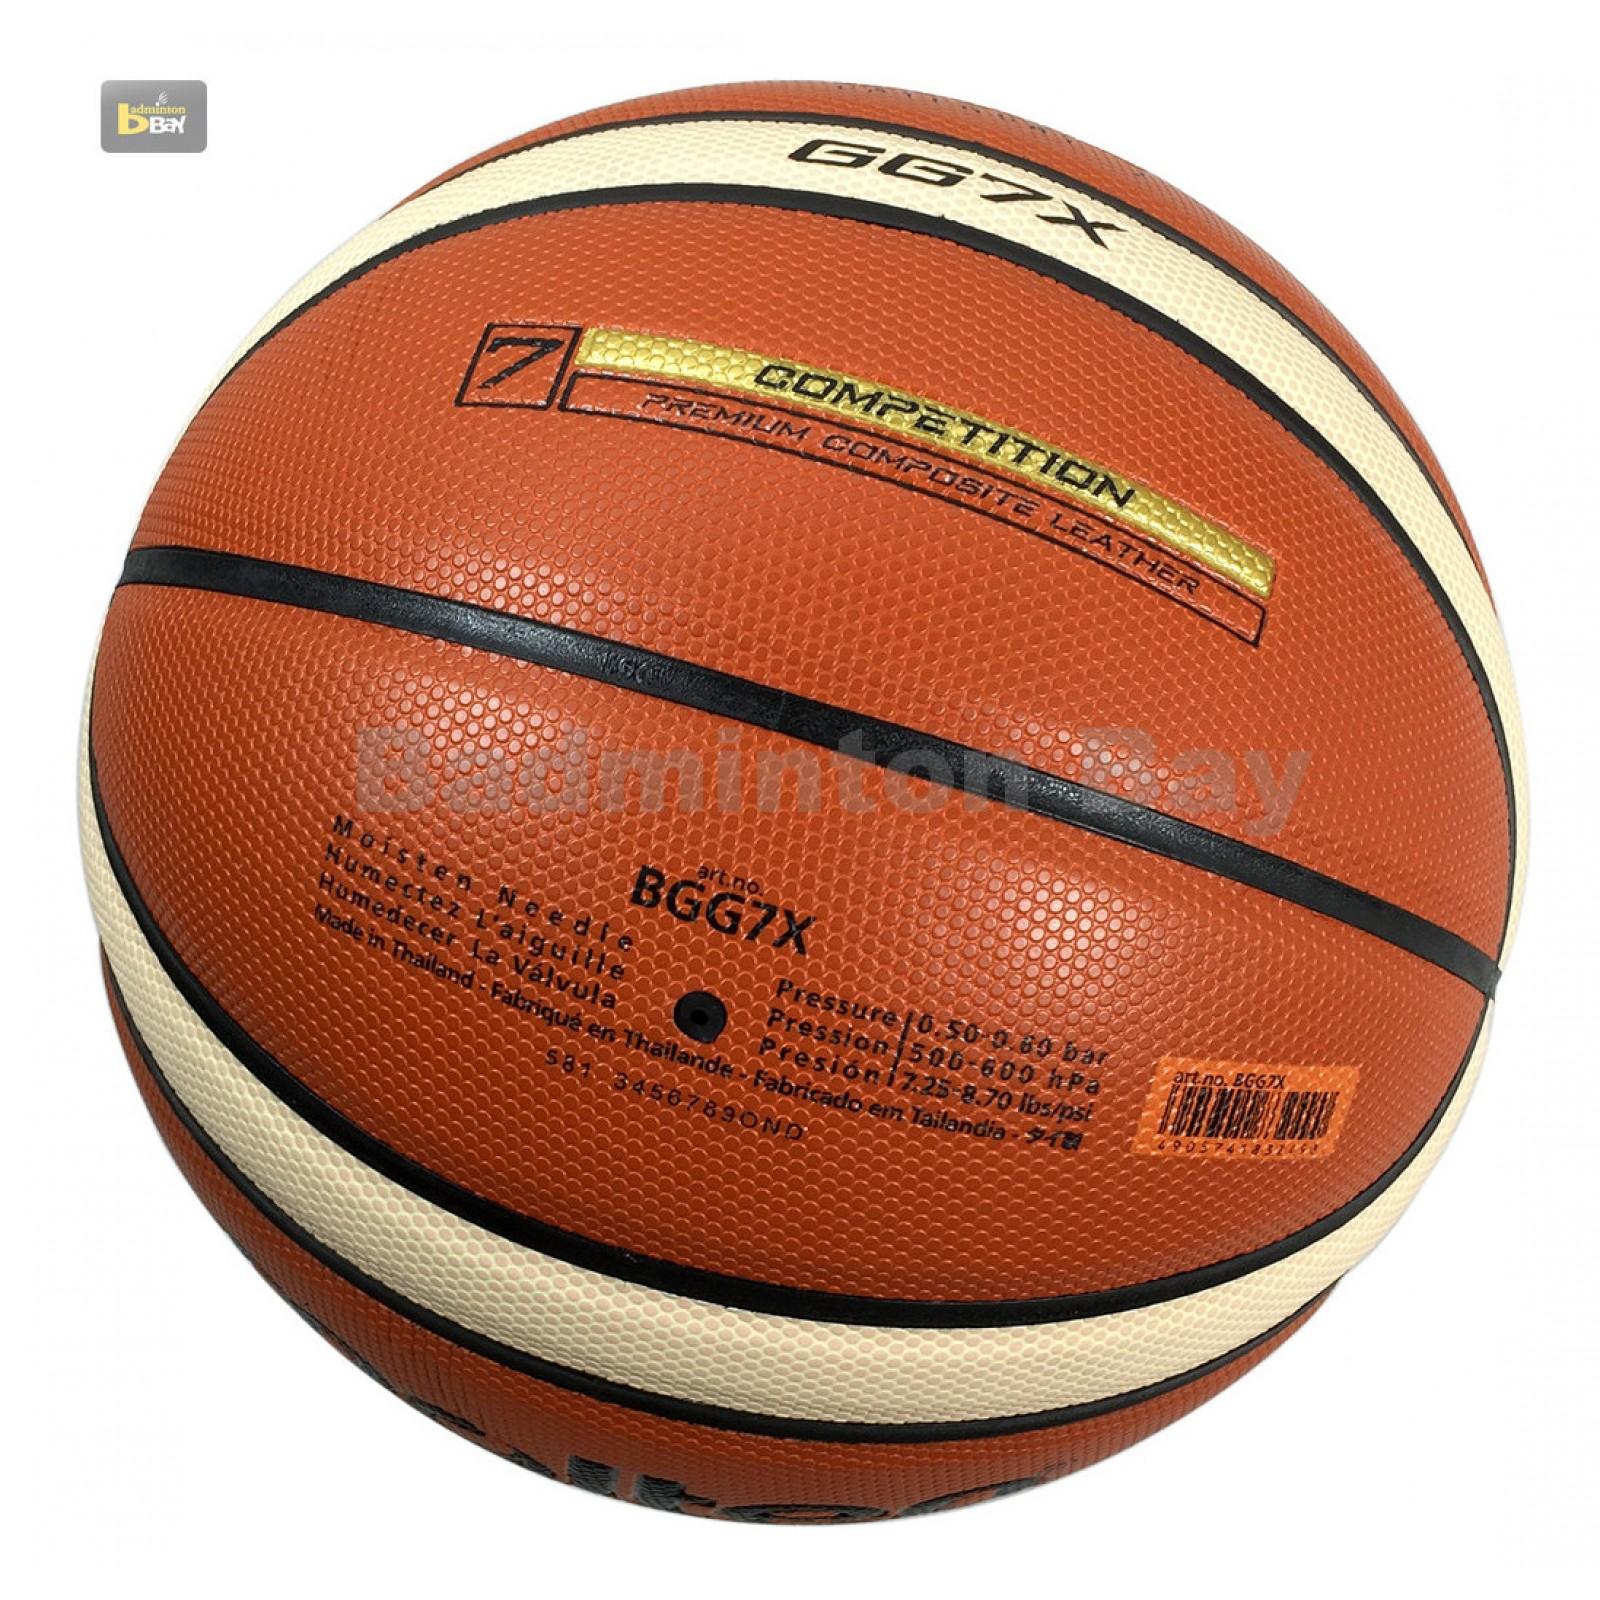 NEW Molten GG7X Basketball (BGG7X) Composite Leather FIBA ...